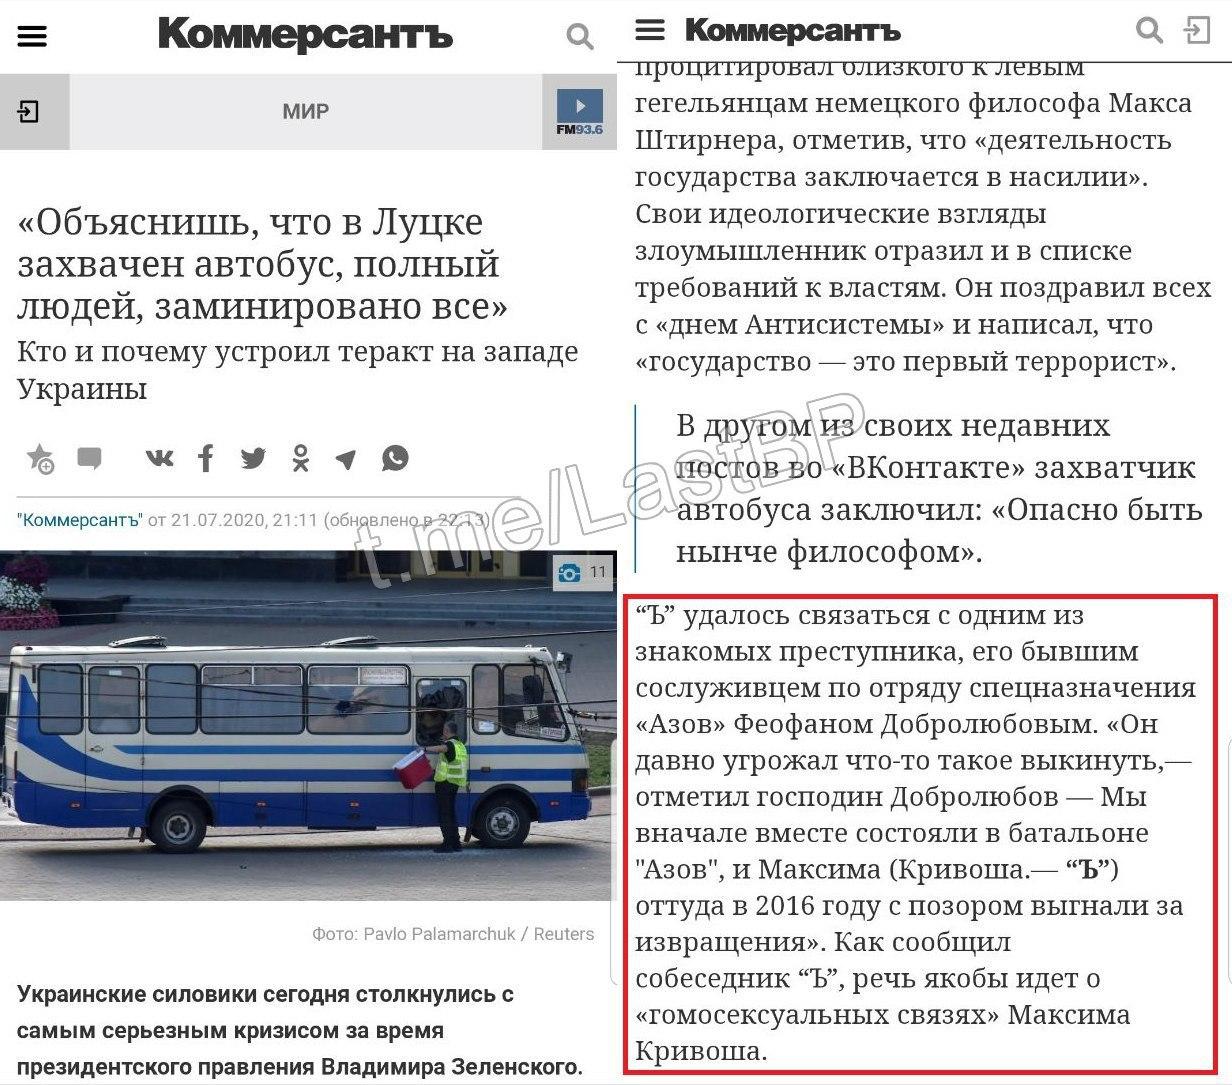 Перебрехали самі себе: В Росії зганьбилися з фейком про терориста з Луцька